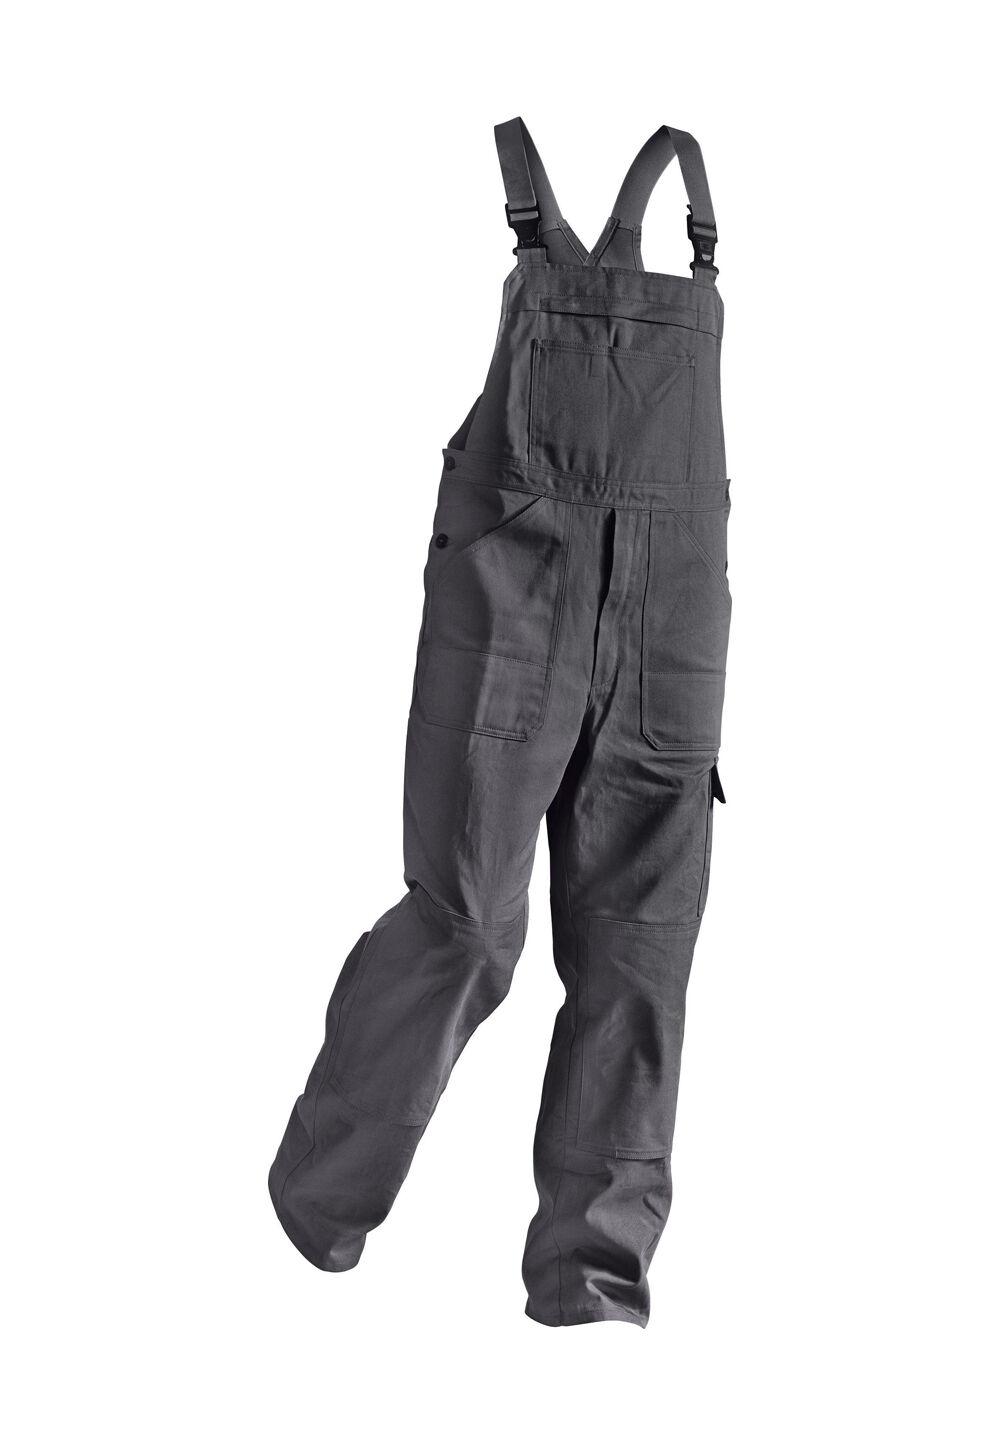 Kübler Workwear Arbeitslatzhose Quality Dress grau